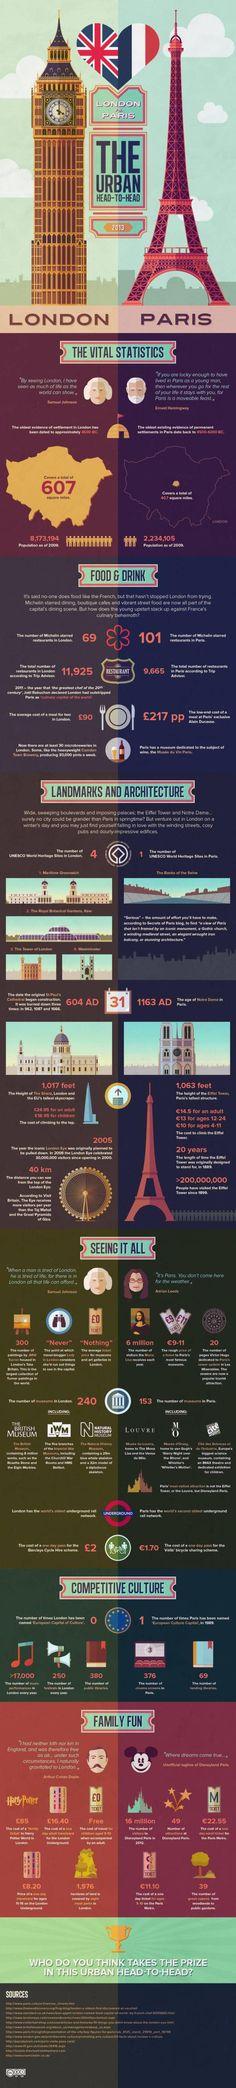 London vs. Paris: An Infographic